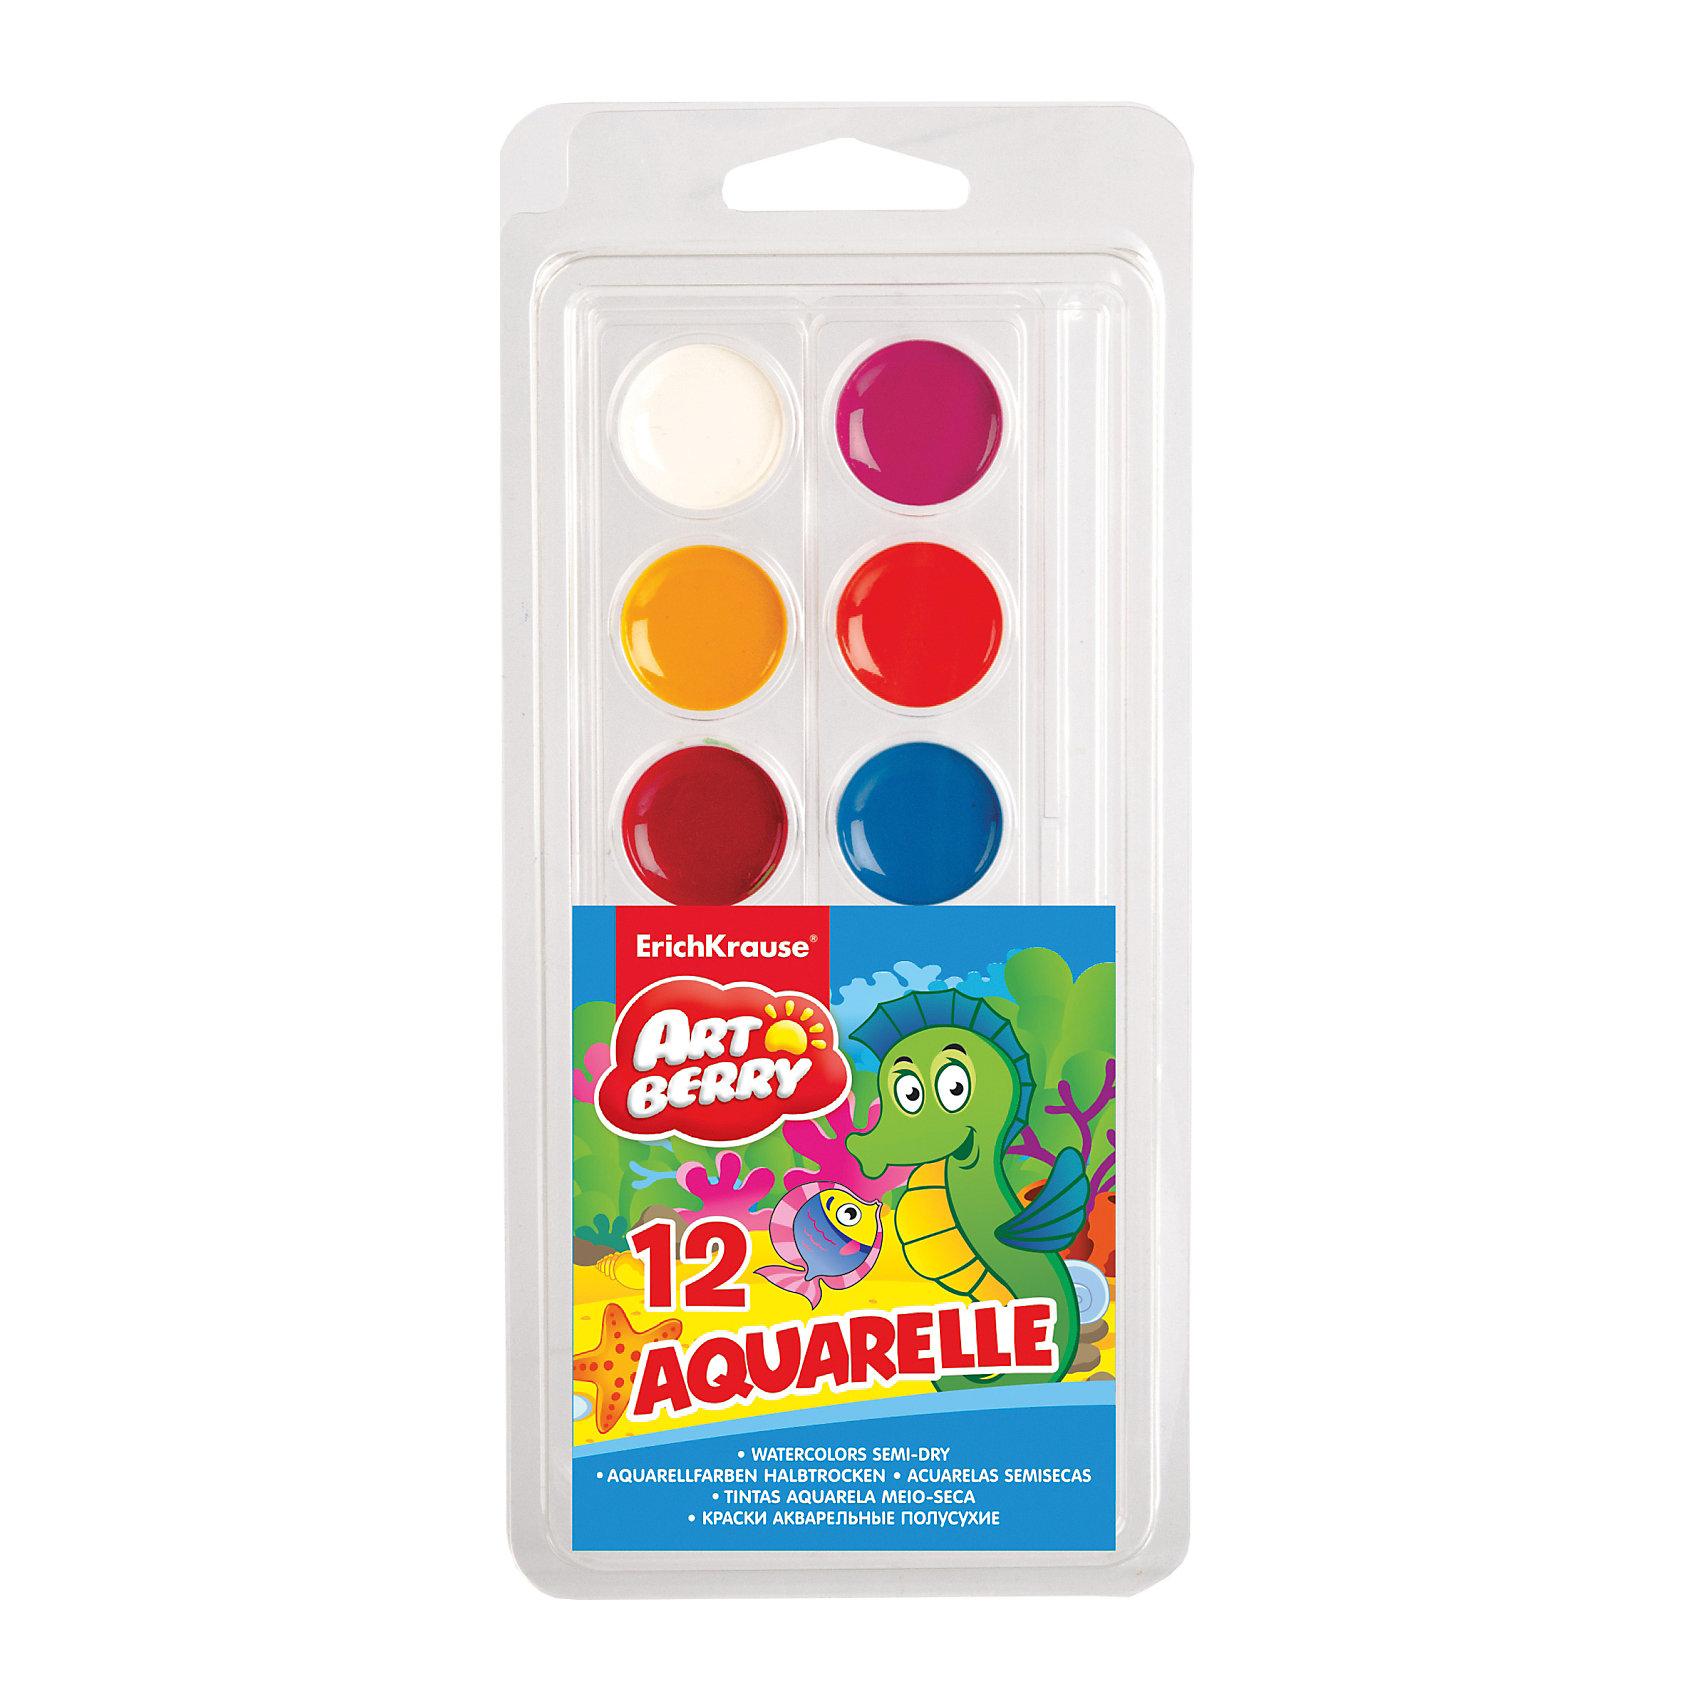 Краски акварельные Artberry, 12 цветовХарактеристики акварельных красок Artberry:<br><br>• возраст: от 5 лет<br>• пол: для мальчиков и девочек<br>• комплект: 12 красок в пластиковом боксе.<br>• материал: пластик, краситель, связующее вещество.<br>• размер упаковки: 23.5х9х1 см.<br>• упаковка: пластиковая коробка.<br>• тип: акварельные полусухие.<br>• количество цветов: 12.<br>• бренд: Erich Krause<br>• страна обладатель бренда: Россия.<br><br>Медовая акварель Erich Krause с кисточкой в комплекте — отличный подарок начинающему живописцу. Все краски в наборе яркие, стойкие, хорошо смешиваются между собой, имеют насыщенные цвета и значительное время не выгорают под воздействием солнечного света, так что рисунок, сделанный Вашим ребенком долго будет радовать его и Вас. Для удобства акварель разложена в гибкие полоски с чашечками для каждого цвета.<br><br>Акварельные краски Artberry торговой марки Erich Krause  можно купить в нашем интернет-магазине.<br><br>Ширина мм: 100<br>Глубина мм: 220<br>Высота мм: 10<br>Вес г: 60<br>Возраст от месяцев: 60<br>Возраст до месяцев: 216<br>Пол: Унисекс<br>Возраст: Детский<br>SKU: 5409209